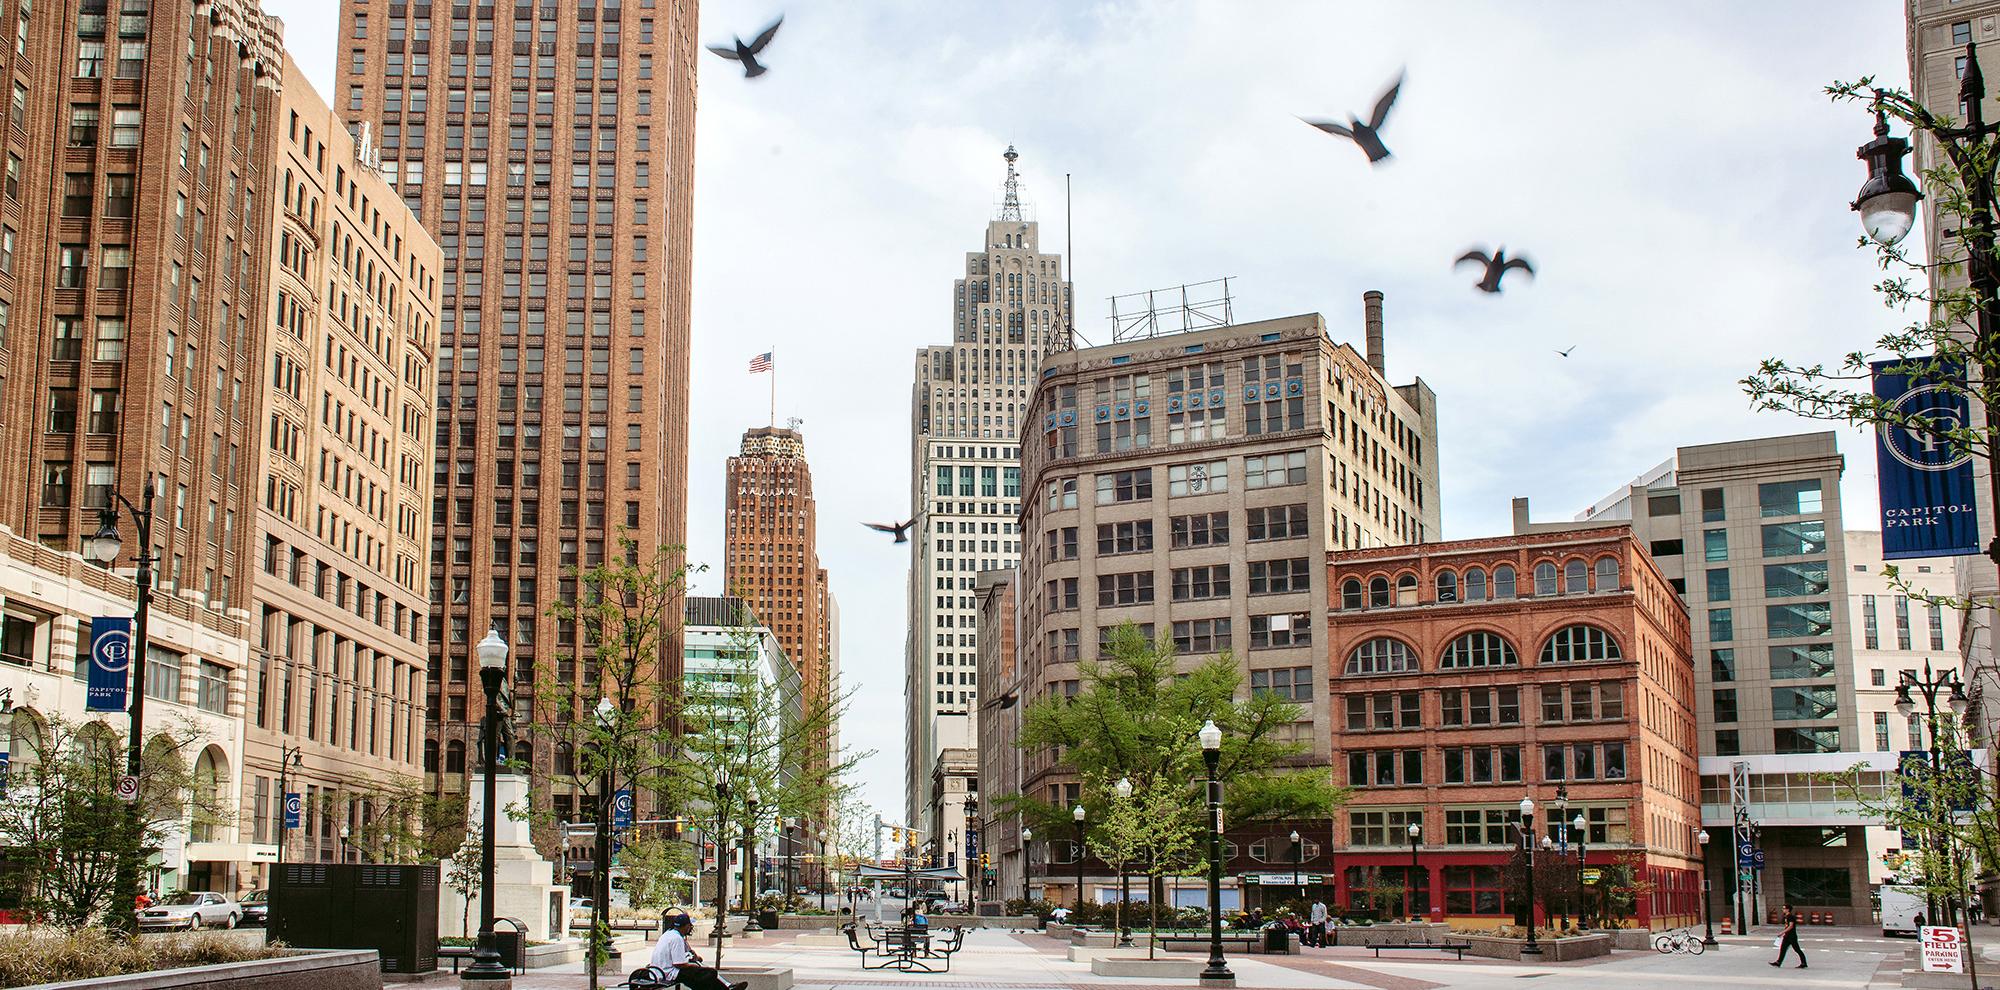 デトロイトのデザイン事務所がストラタシスと共同でダウンタウンの再開発計画を立上げ